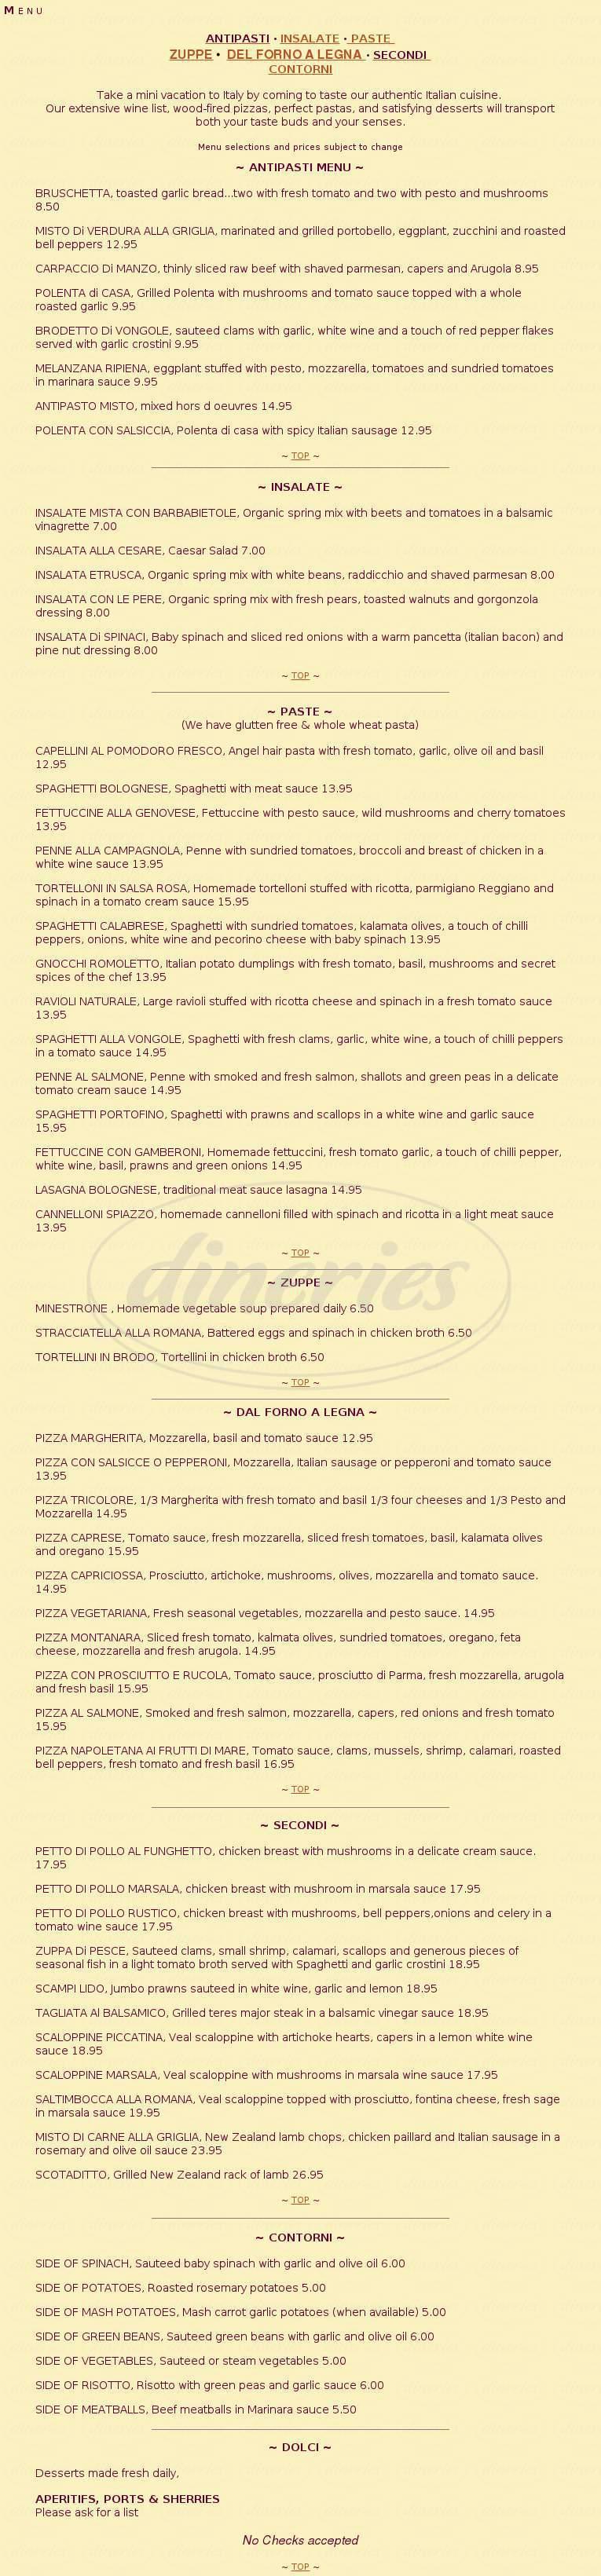 menu for Spiazzo Ristorante